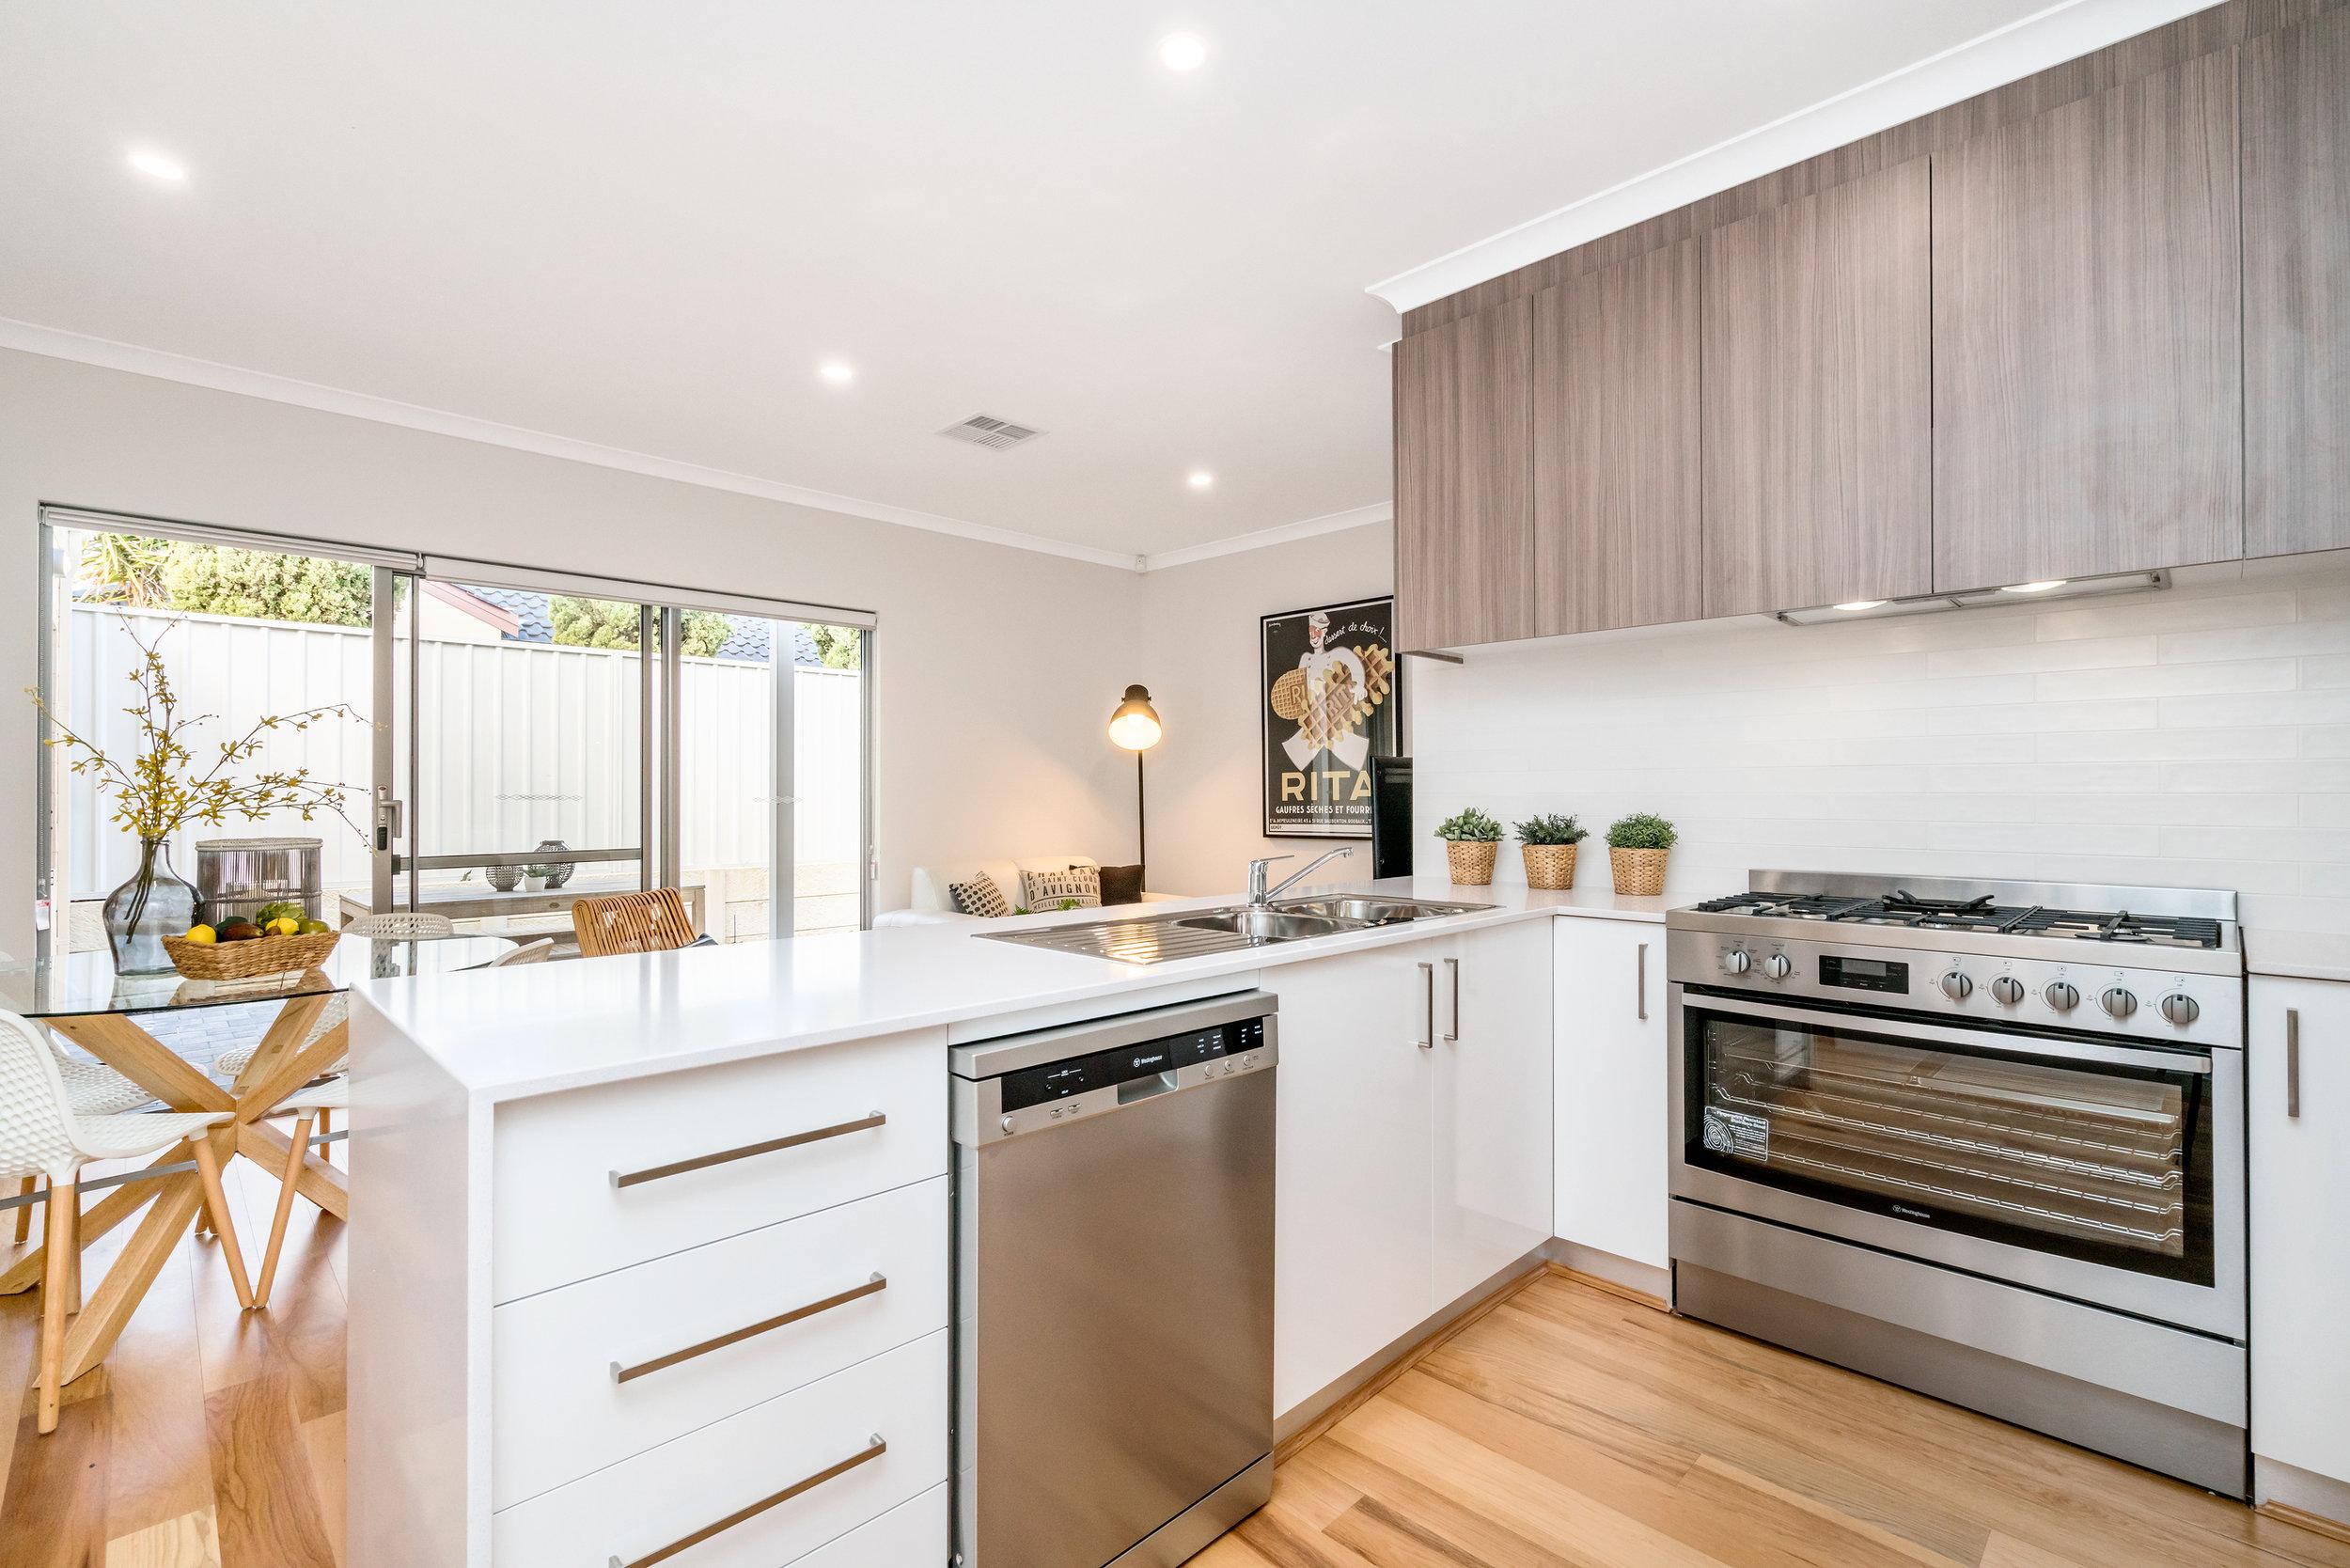 bigstock-Modern-Kitchen-Interior-With-L-237241210.jpg